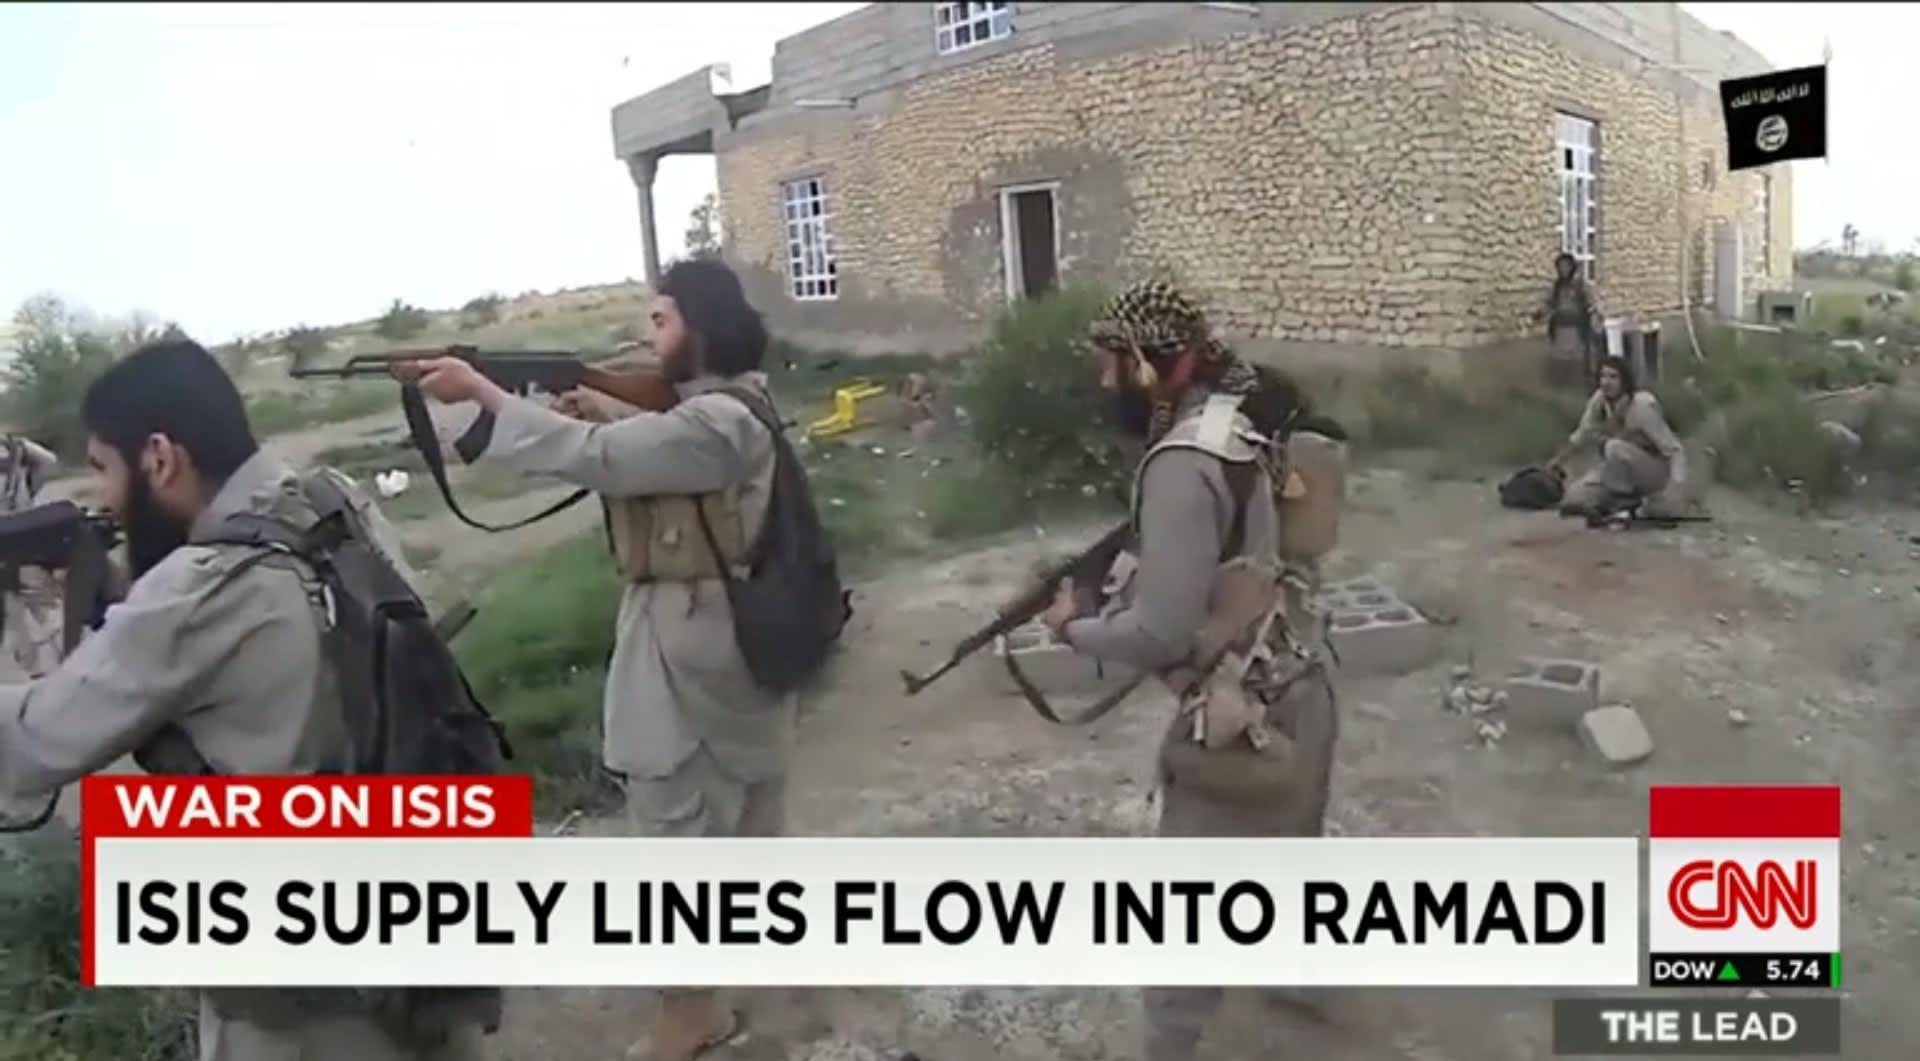 """عسكريون أمريكيون يتوقعون عملية عراقية وشيكة لاستعادة الرمادي من قبضة """"داعش"""""""